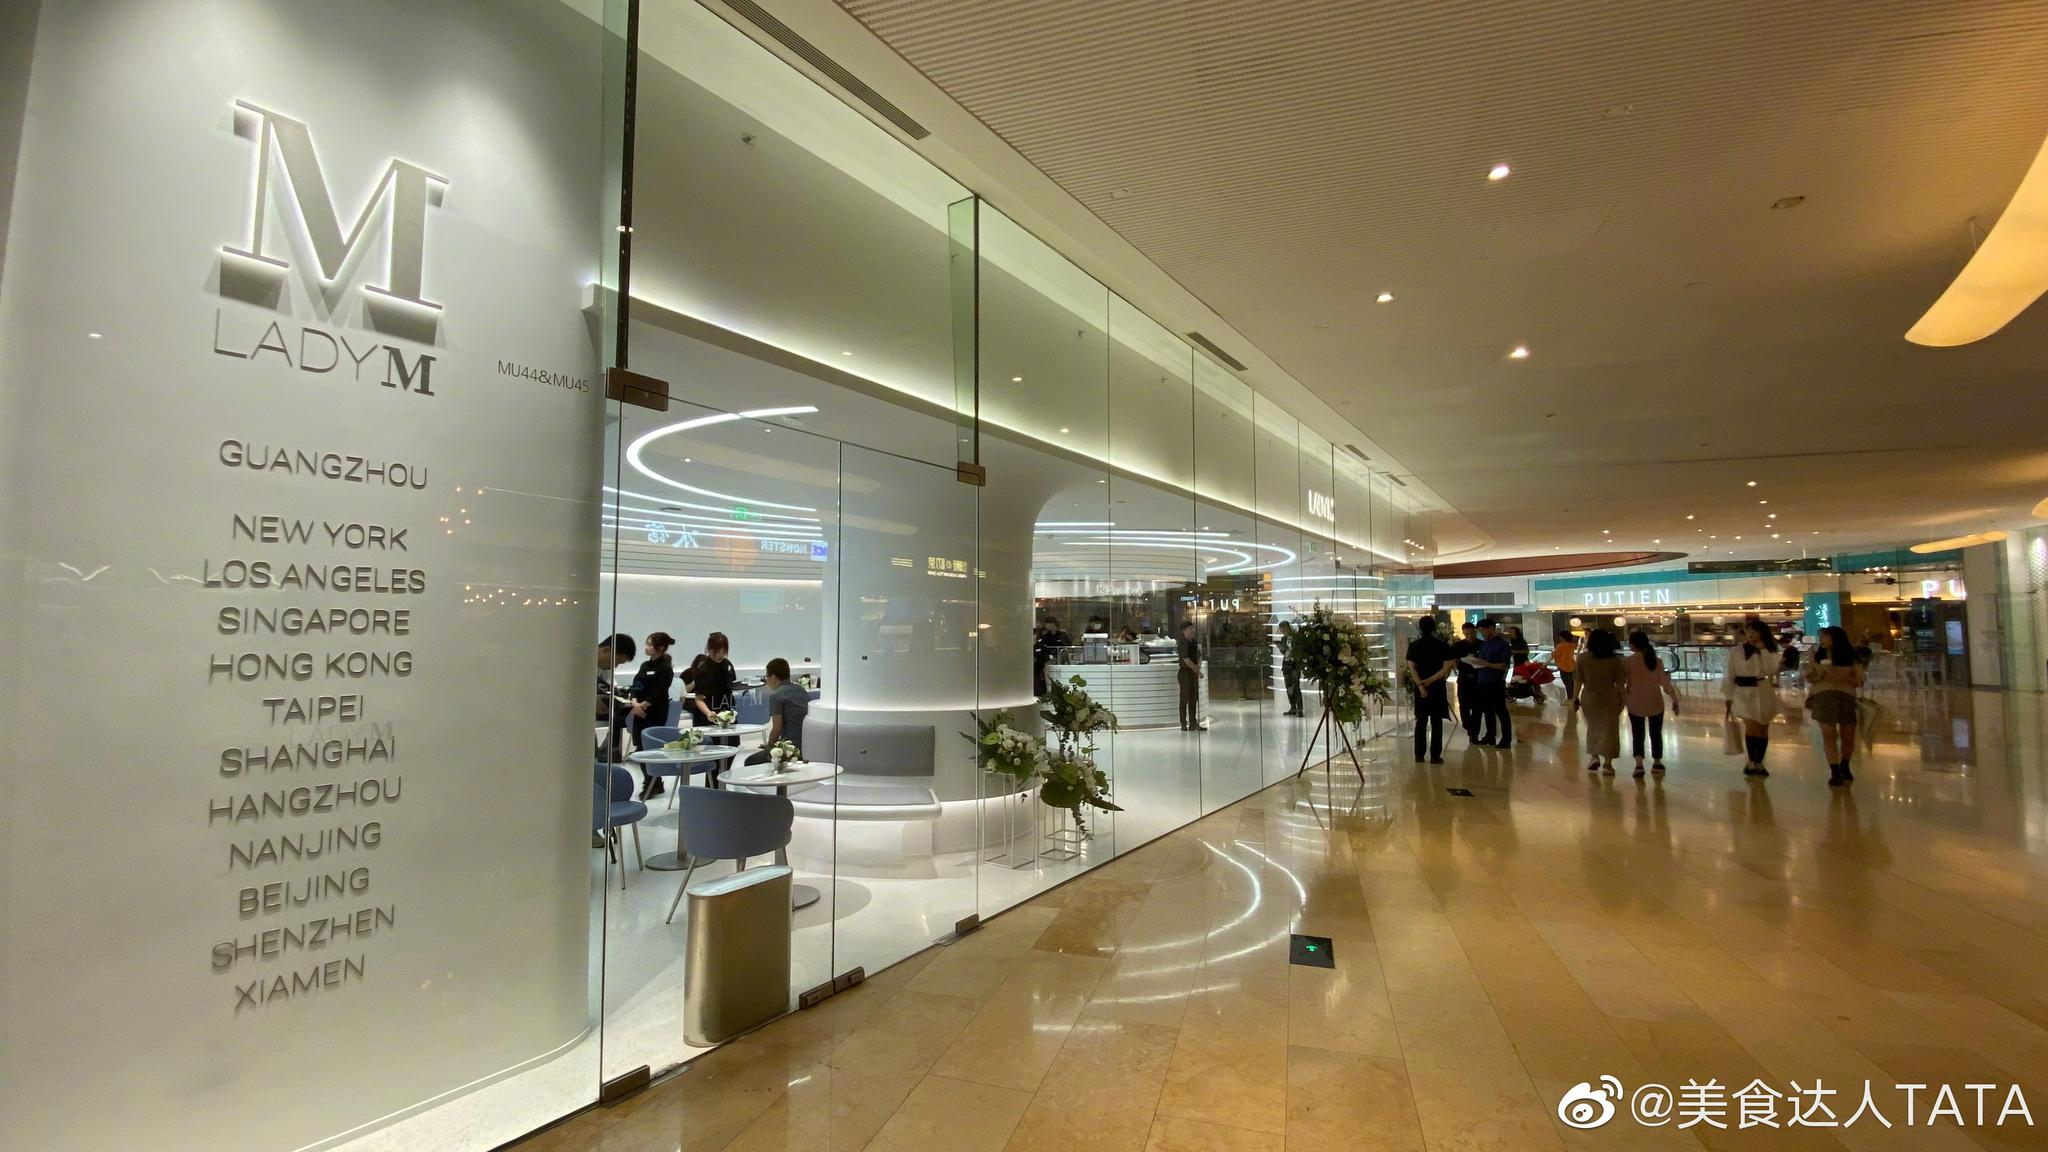 广州有了LADY M,就在@广州太古汇-TaikooHui 莆田对面